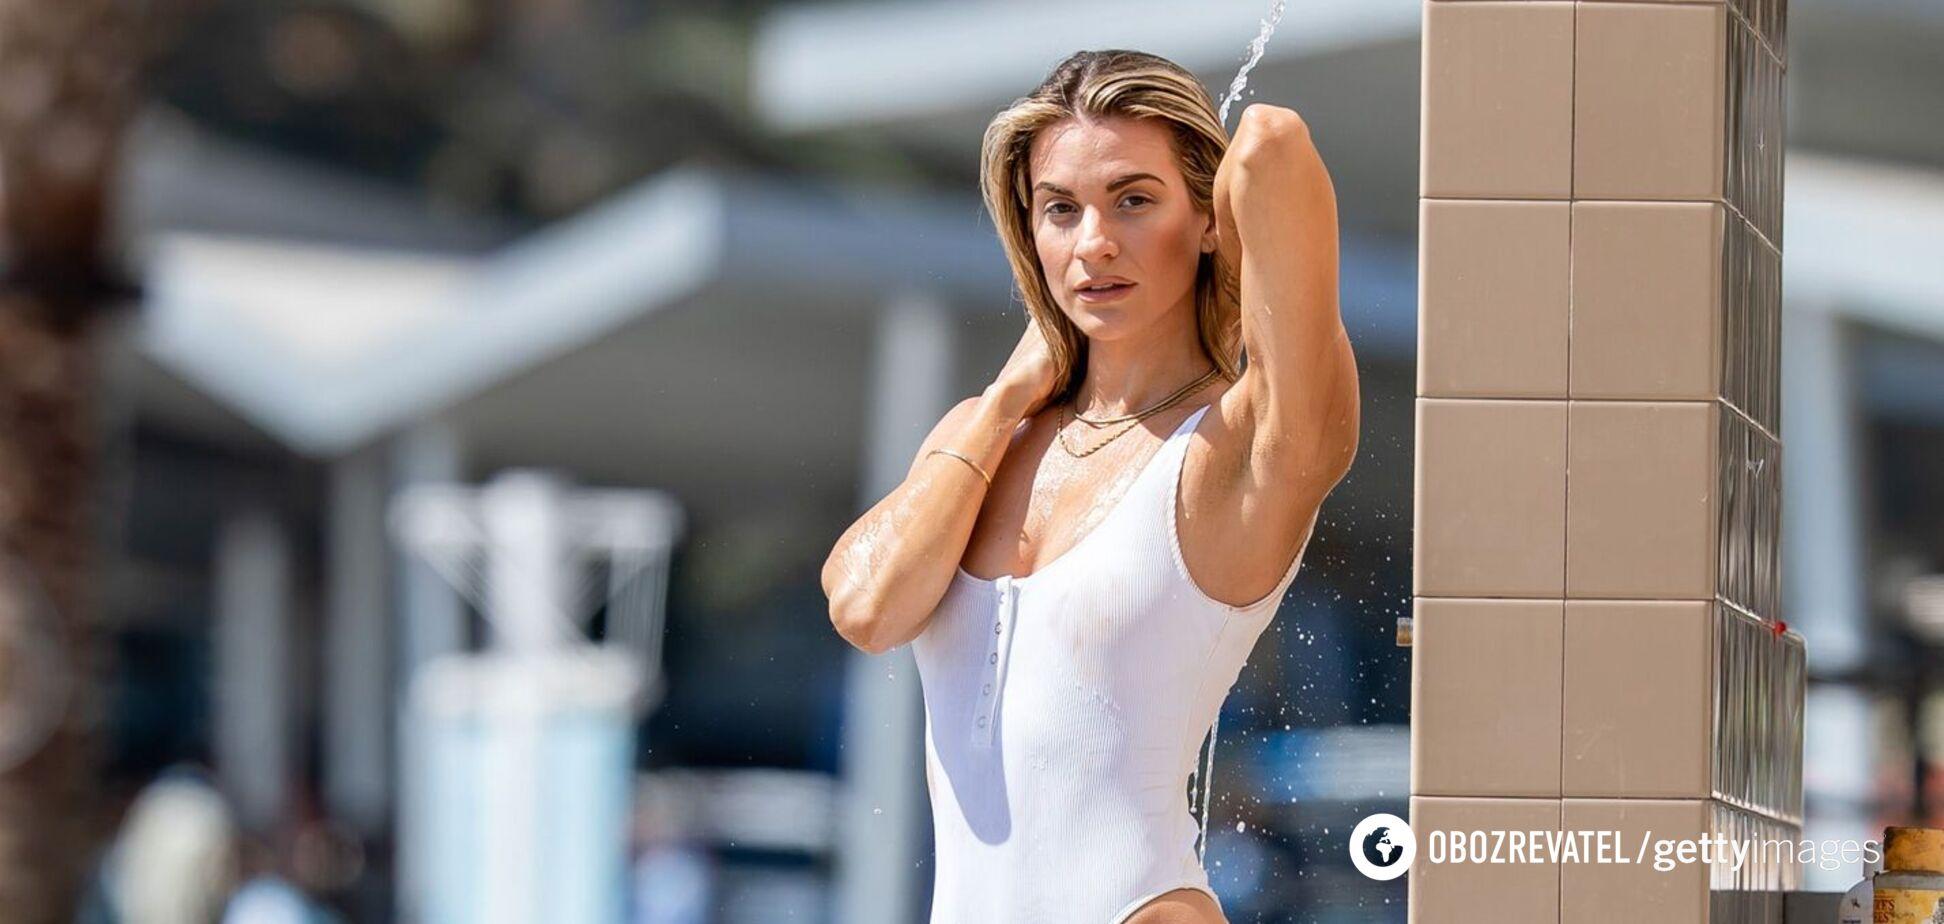 Пляжна мода 2021: стилістка назвала головні тренди і антитренди